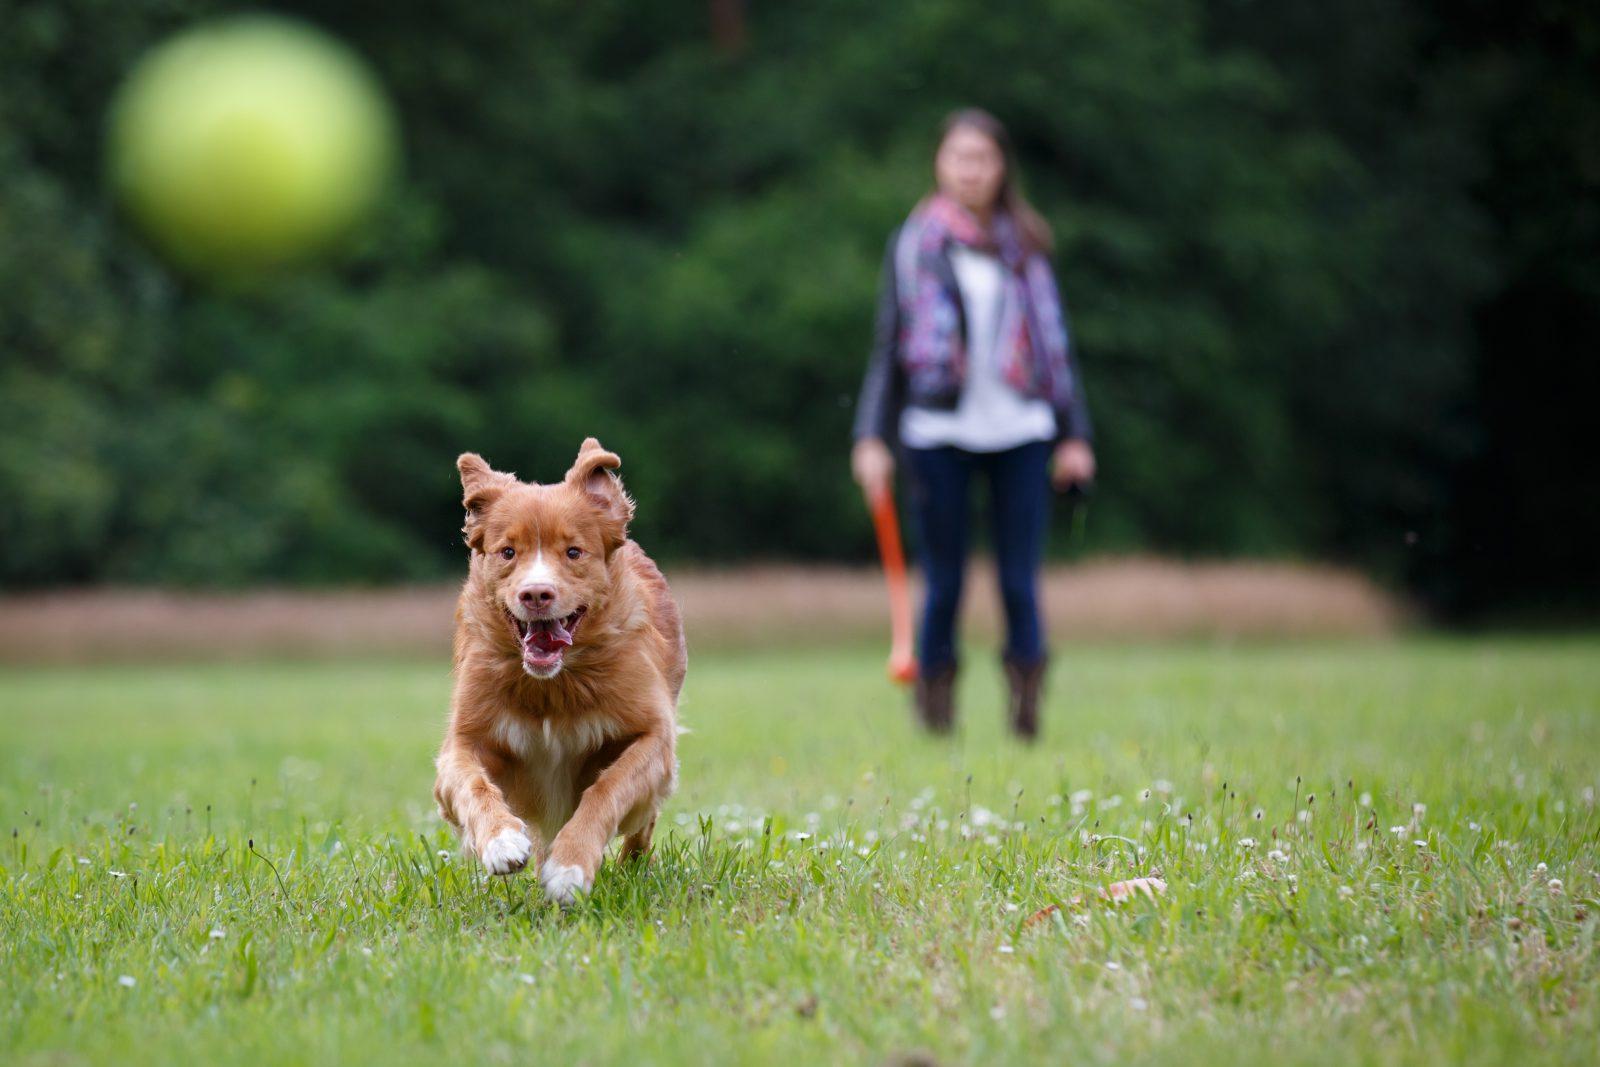 Brinquedos para cachorro idoso: Cão retriever idoso correndo para buscar a bolinha no parque.